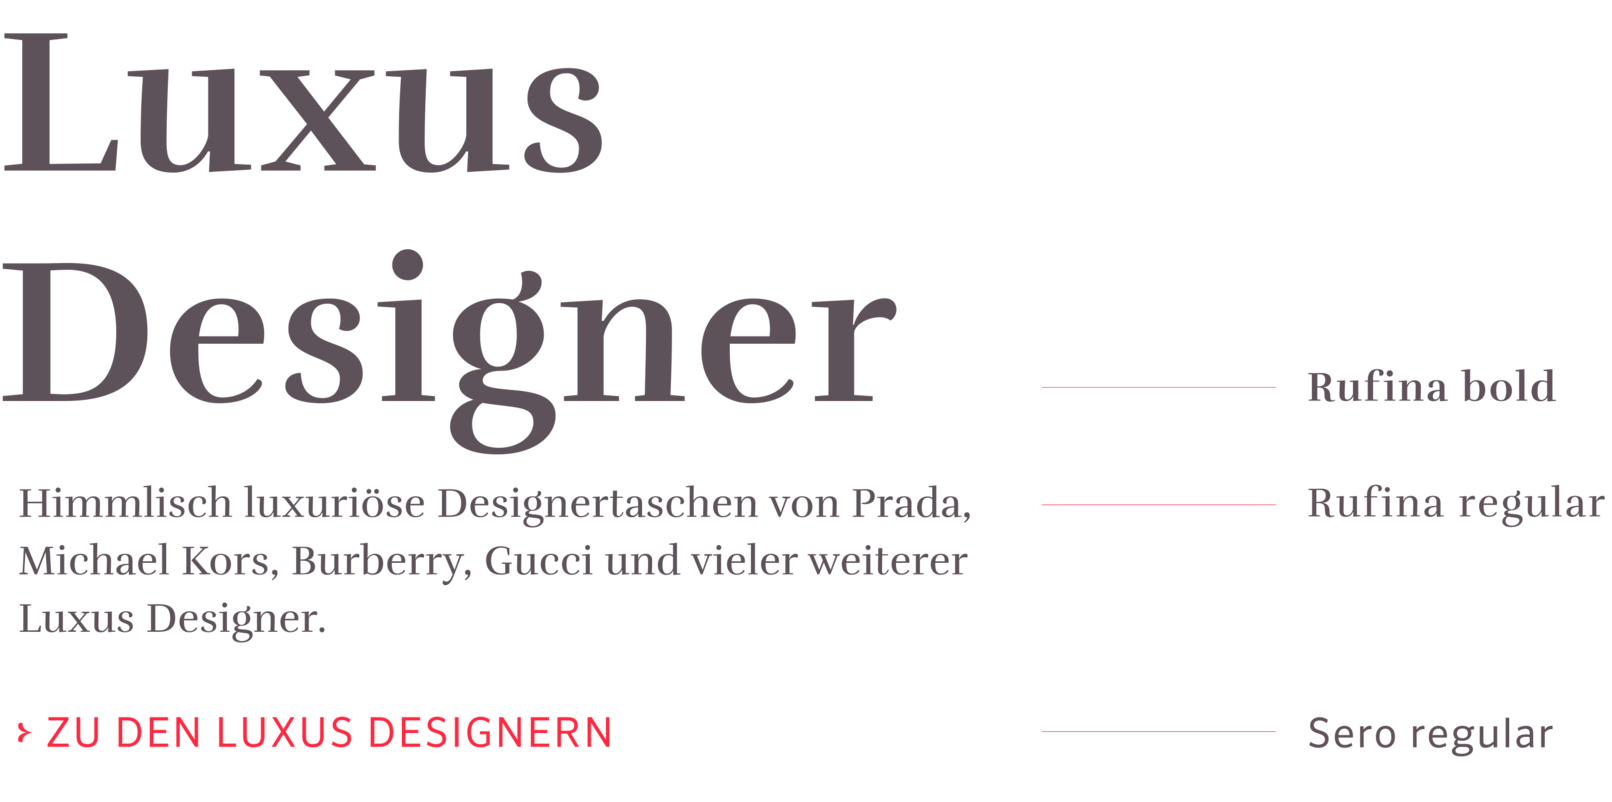 Großartig Zugehörigkeit Draht Logo Bilder - Der Schaltplan ...